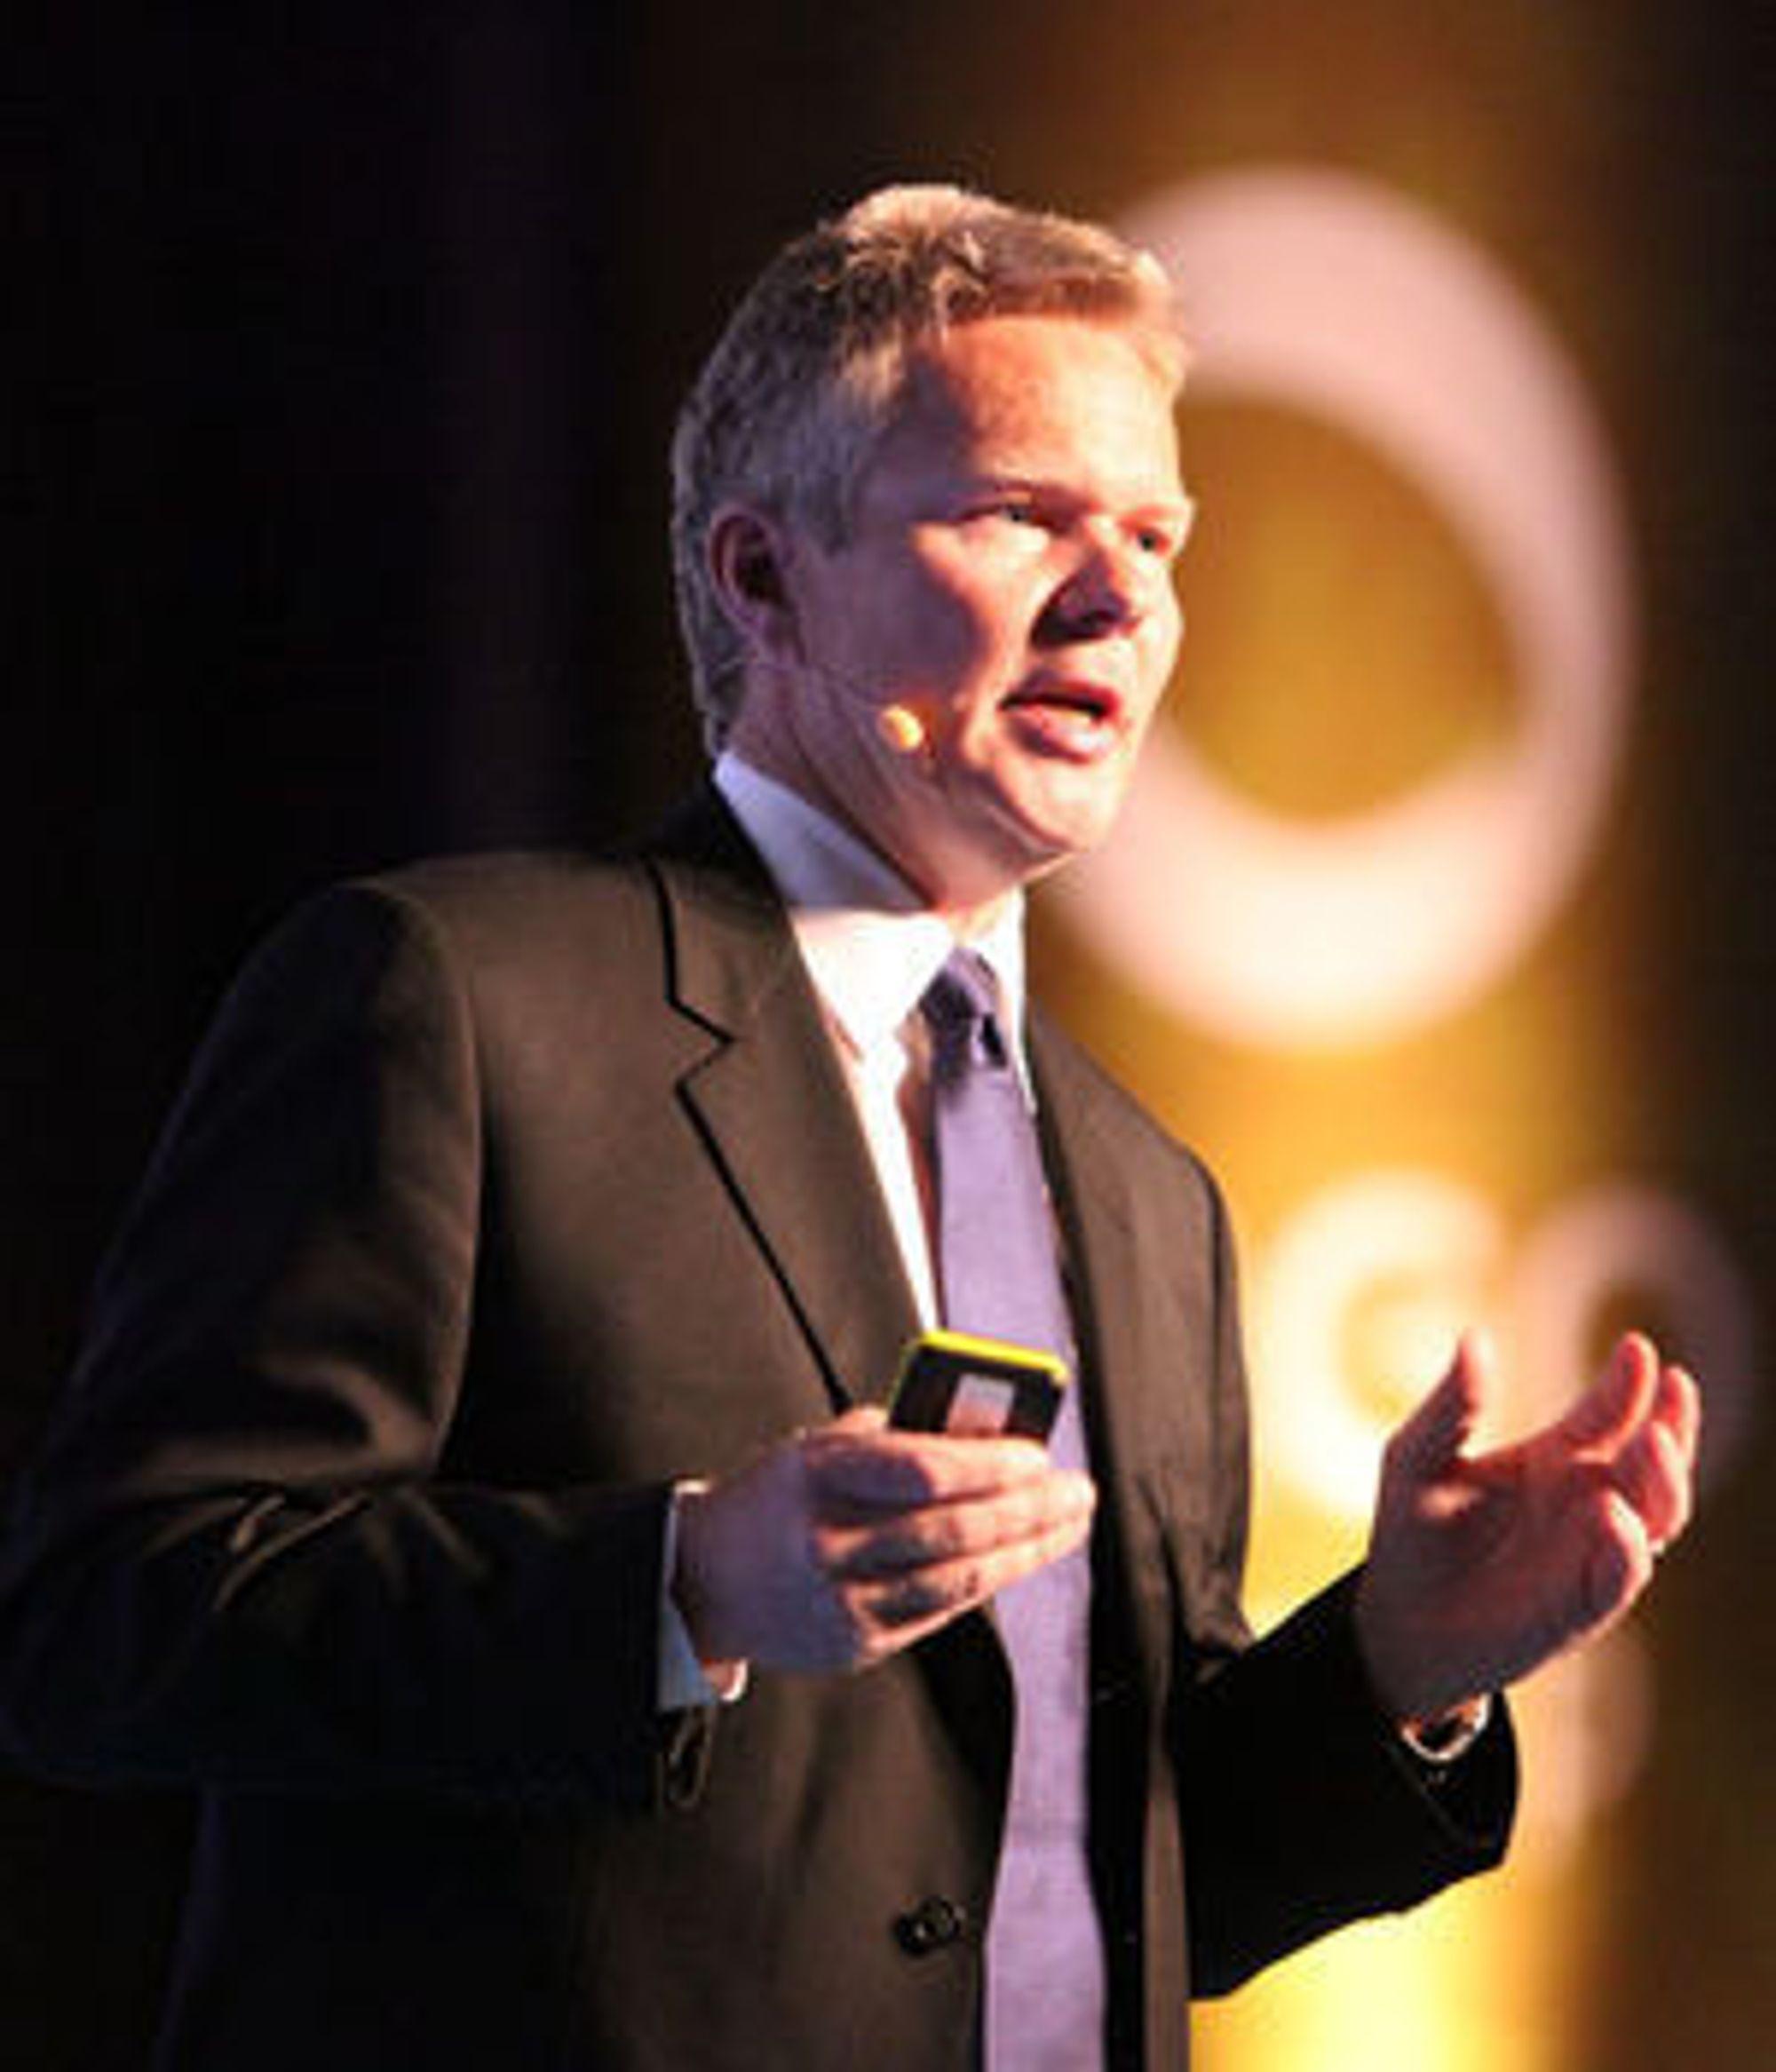 Administrerende direktør Terje Mjøs konstaterer at kostnadene i den norske delen av driftssegmentet er for høye. En omstilling er i gang, og resultatene vil vises i 2010, lover han.